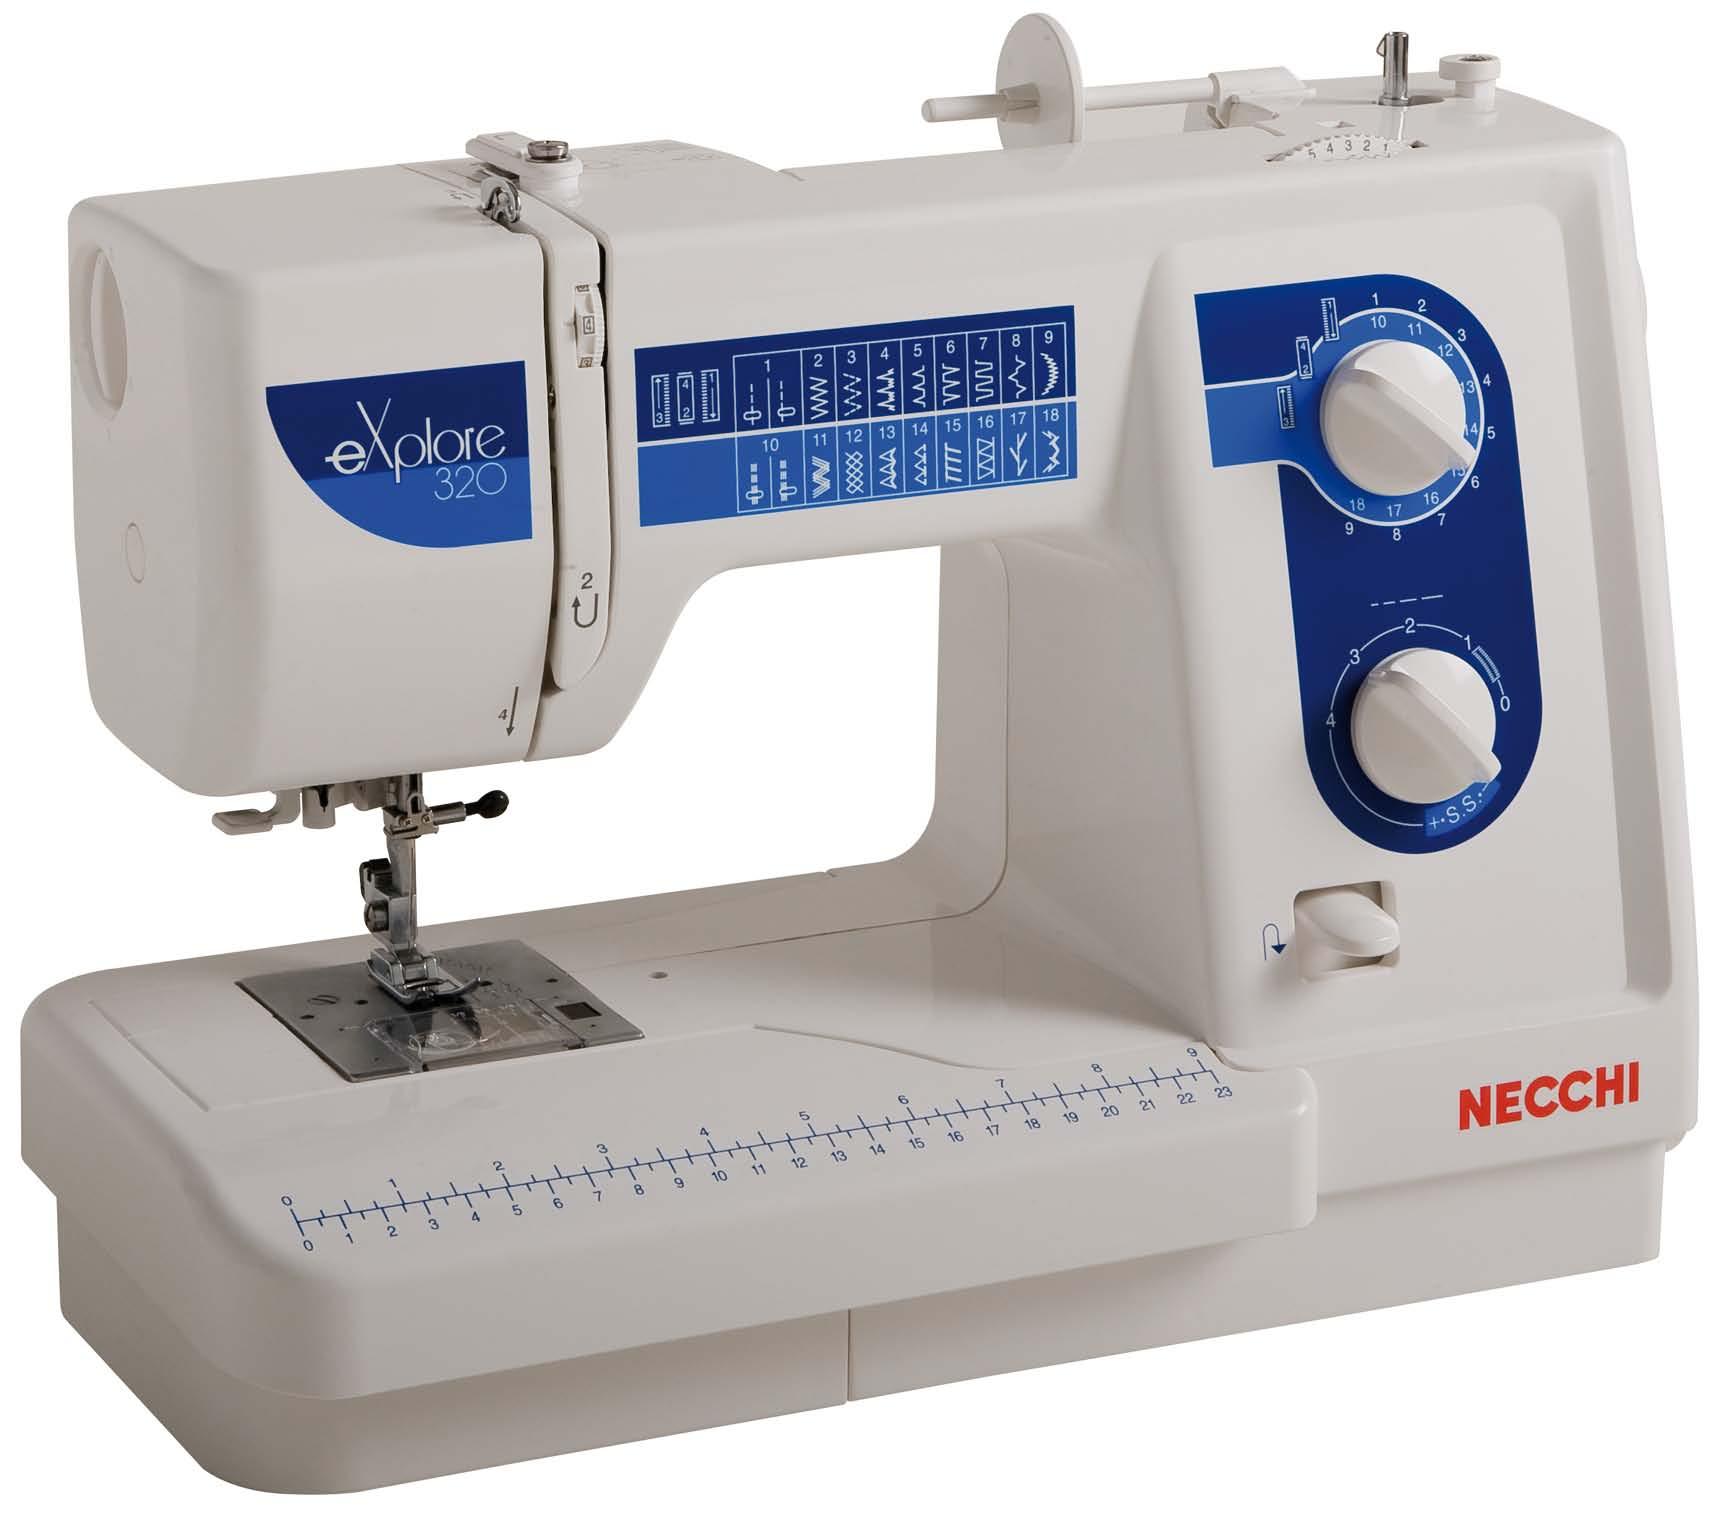 Ebay for Macchina cucire necchi